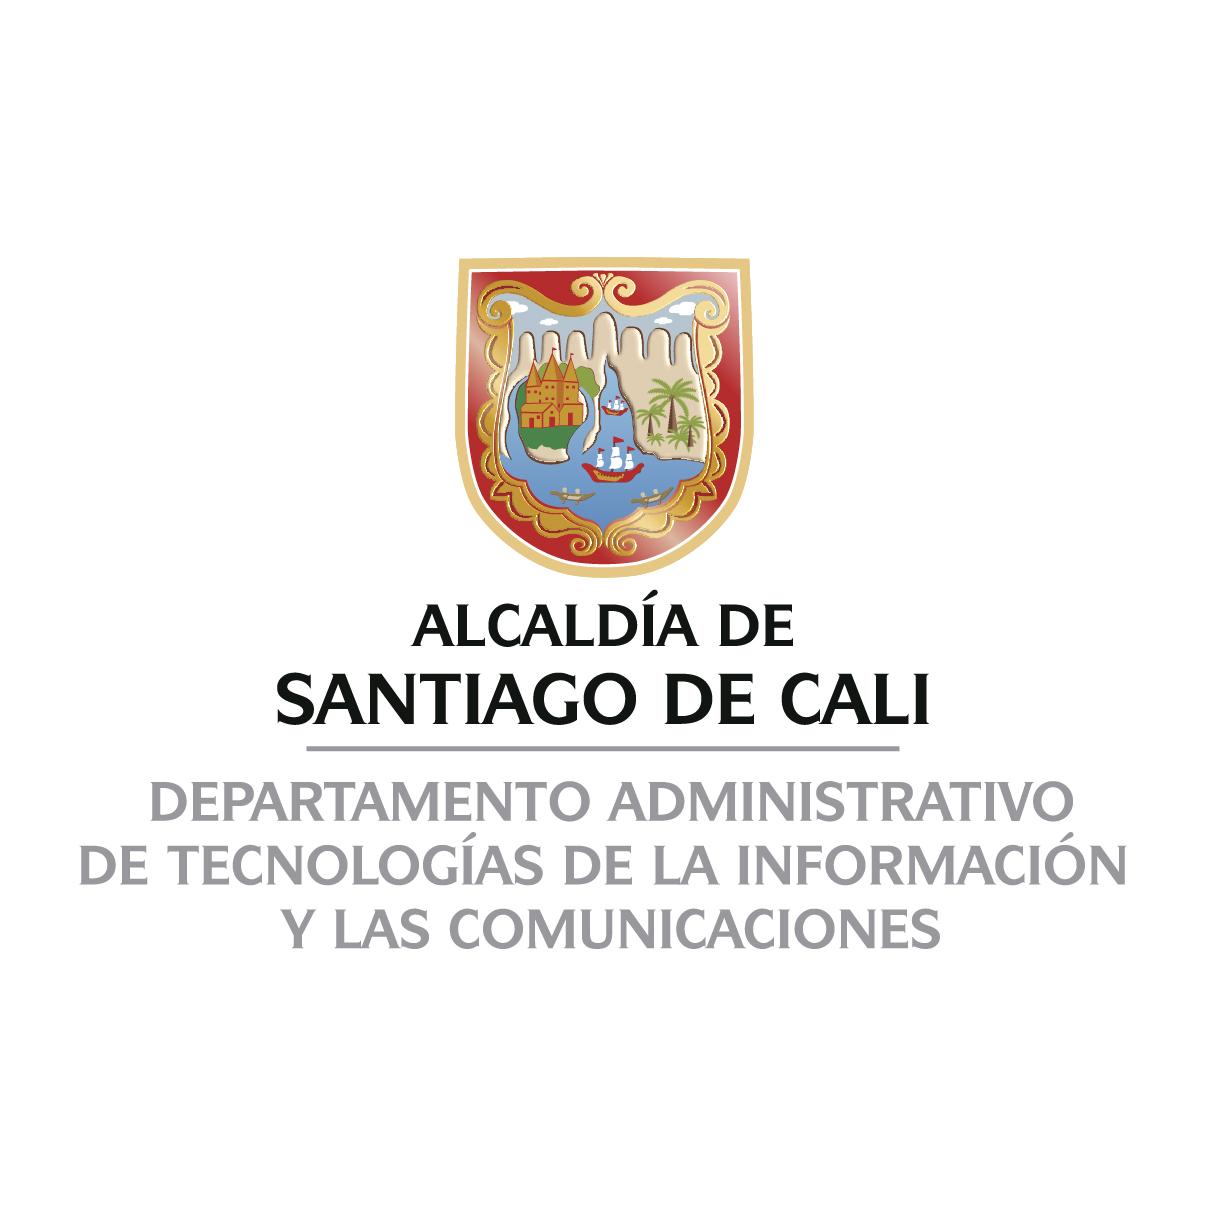 departamento-administrativo-de-tecnologias-de-la-informacion-y-las-comunicaciones